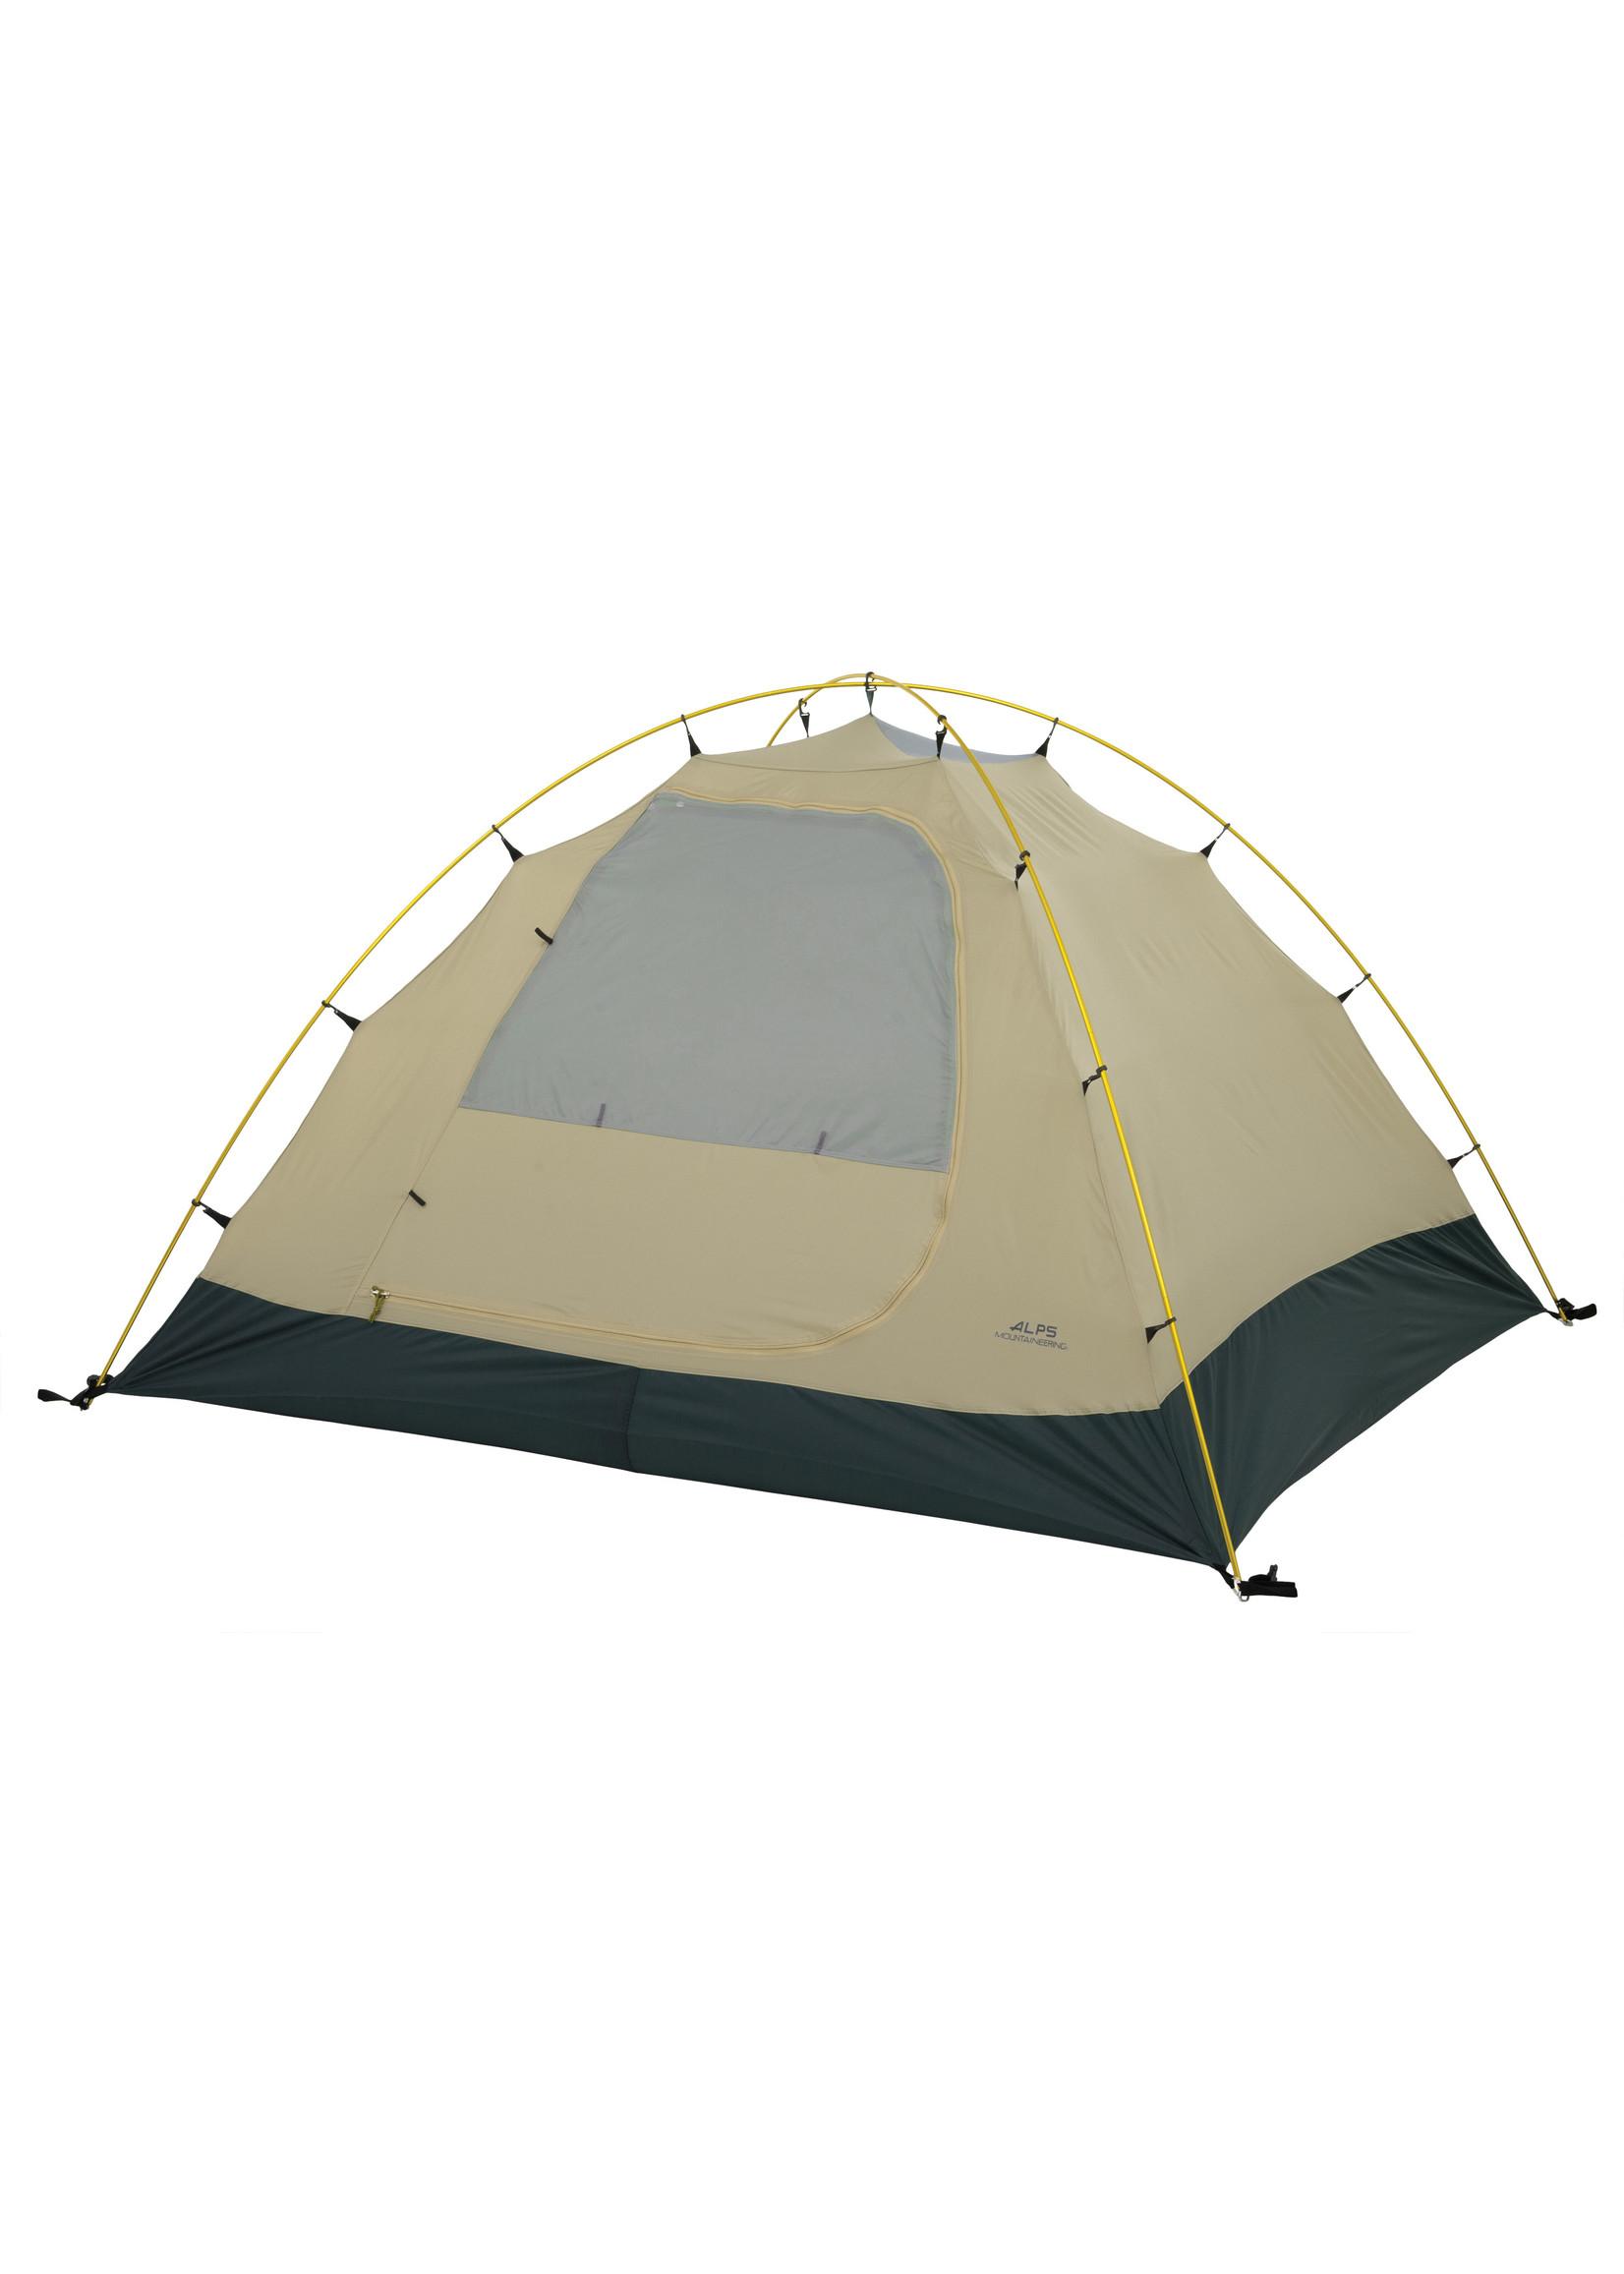 Alps Mountaineering Alps Mountaineering Taurus 5 Tent